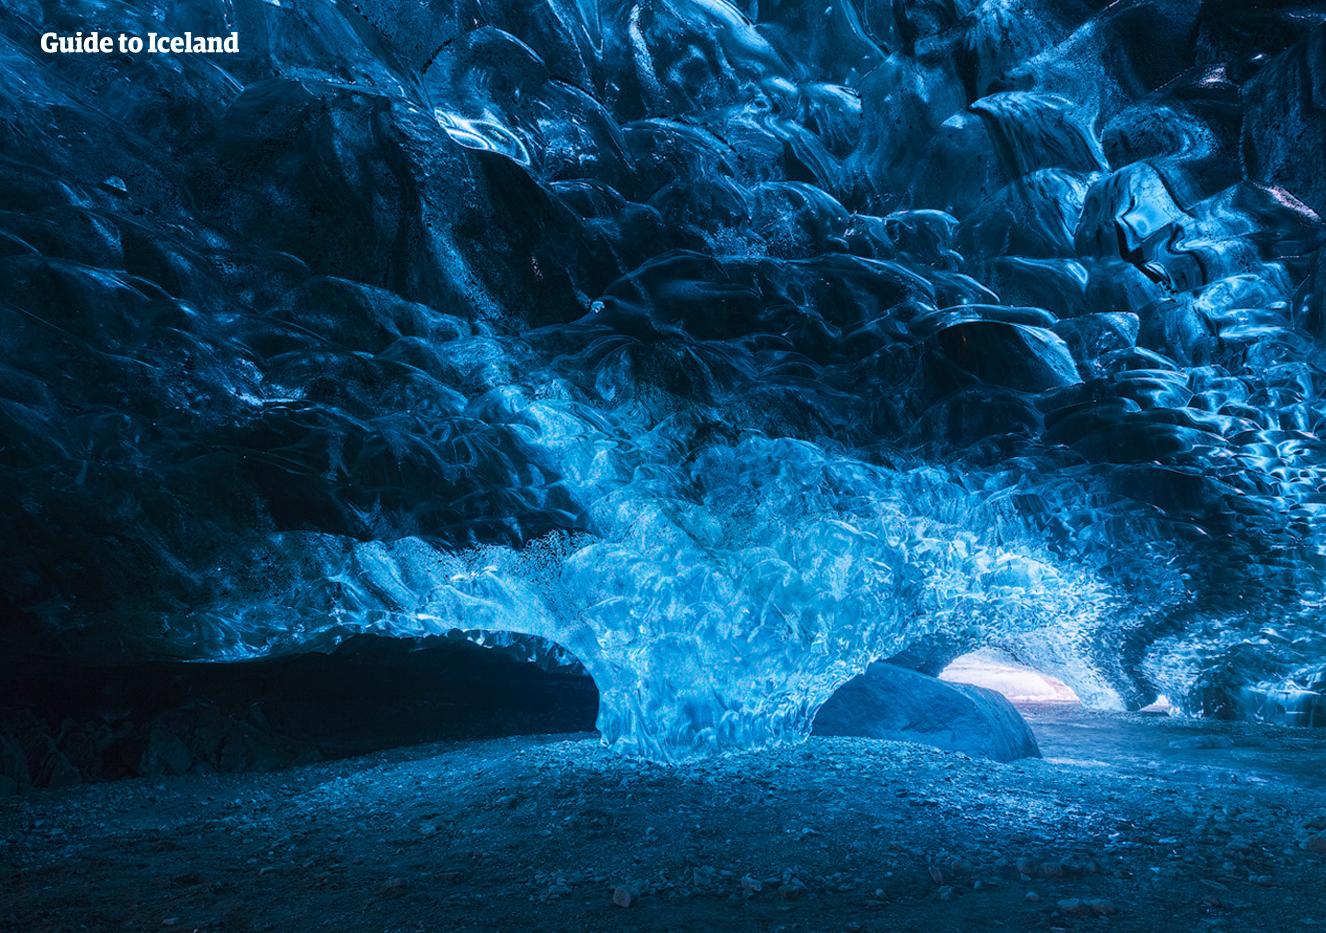 Talloze blauwtinten in een authentieke ijsgrot in Nationaal park Vatnajökull.